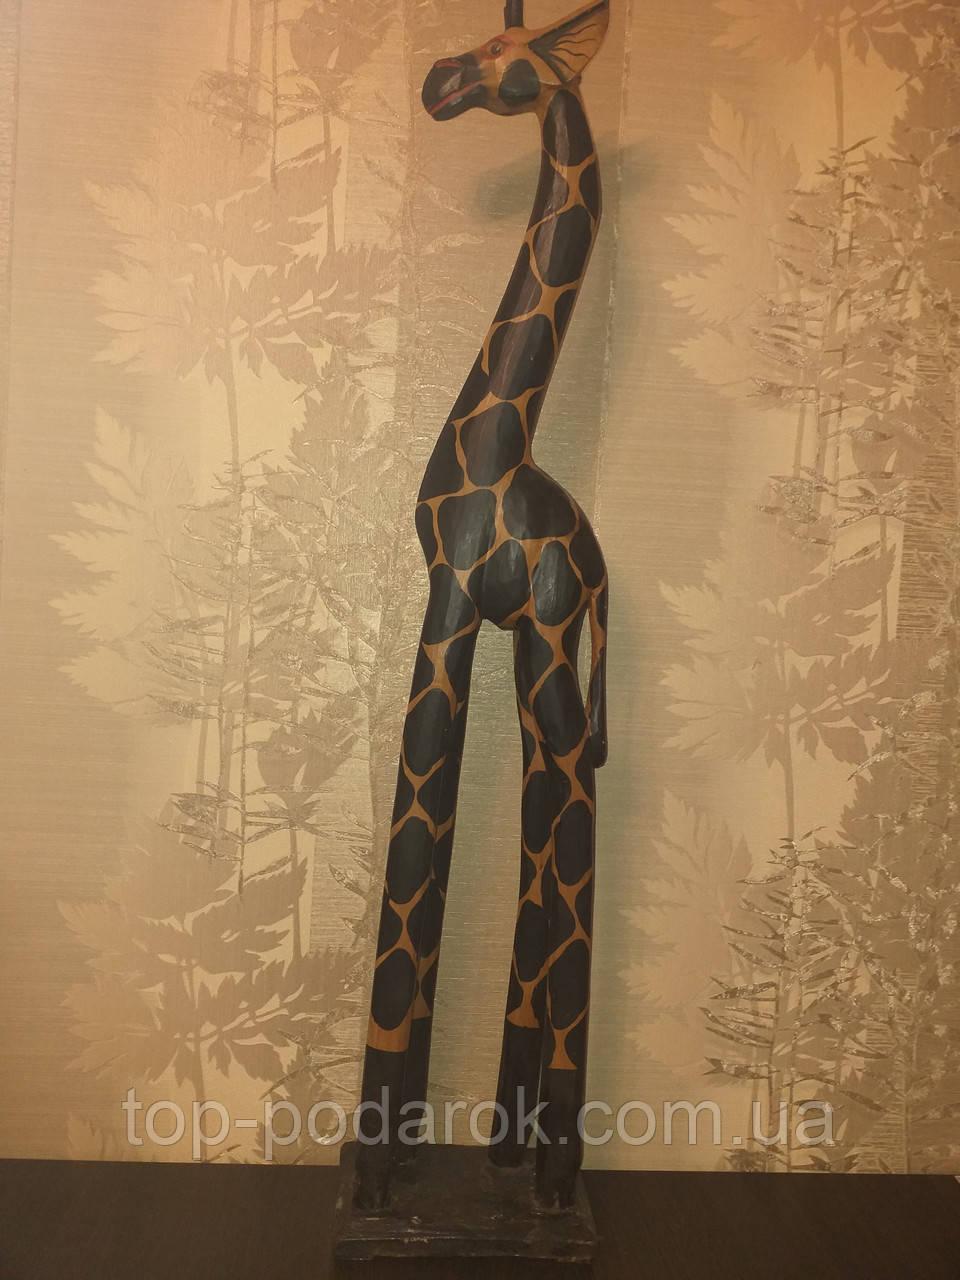 Статуэтка деревянная Жираф  100 см